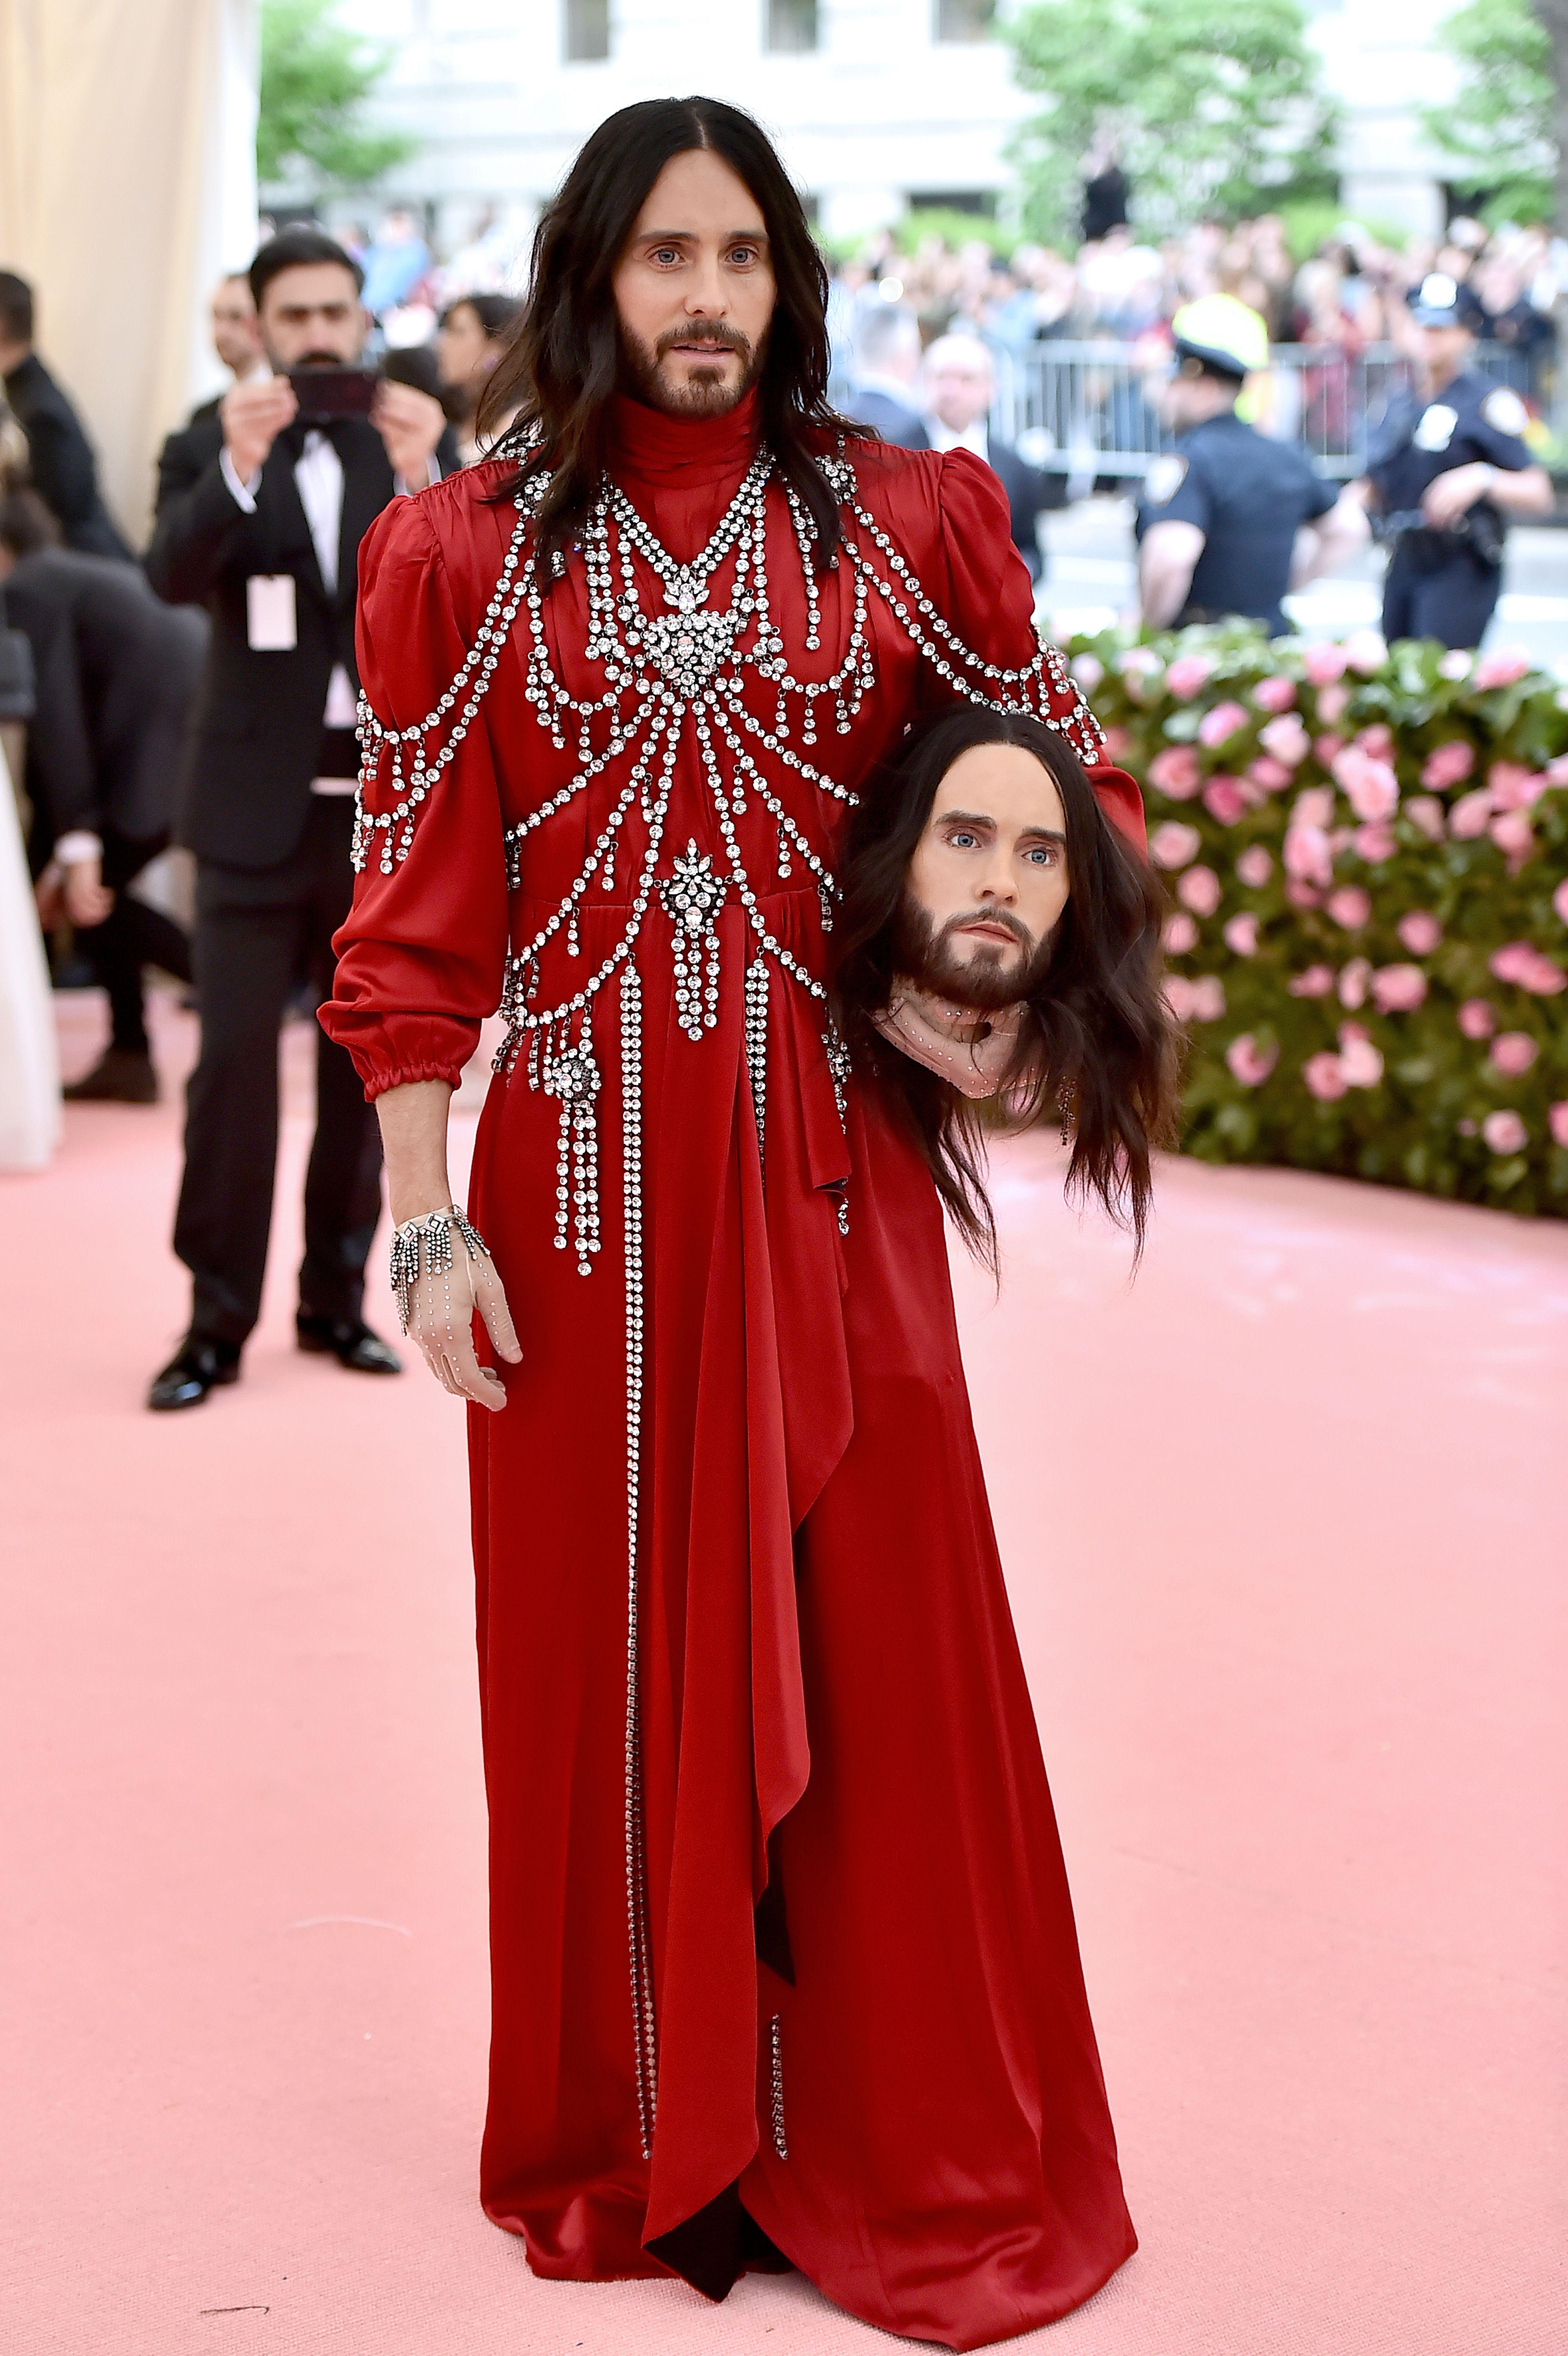 De Jared Leto a Harry Styles: los hombres con los looks más